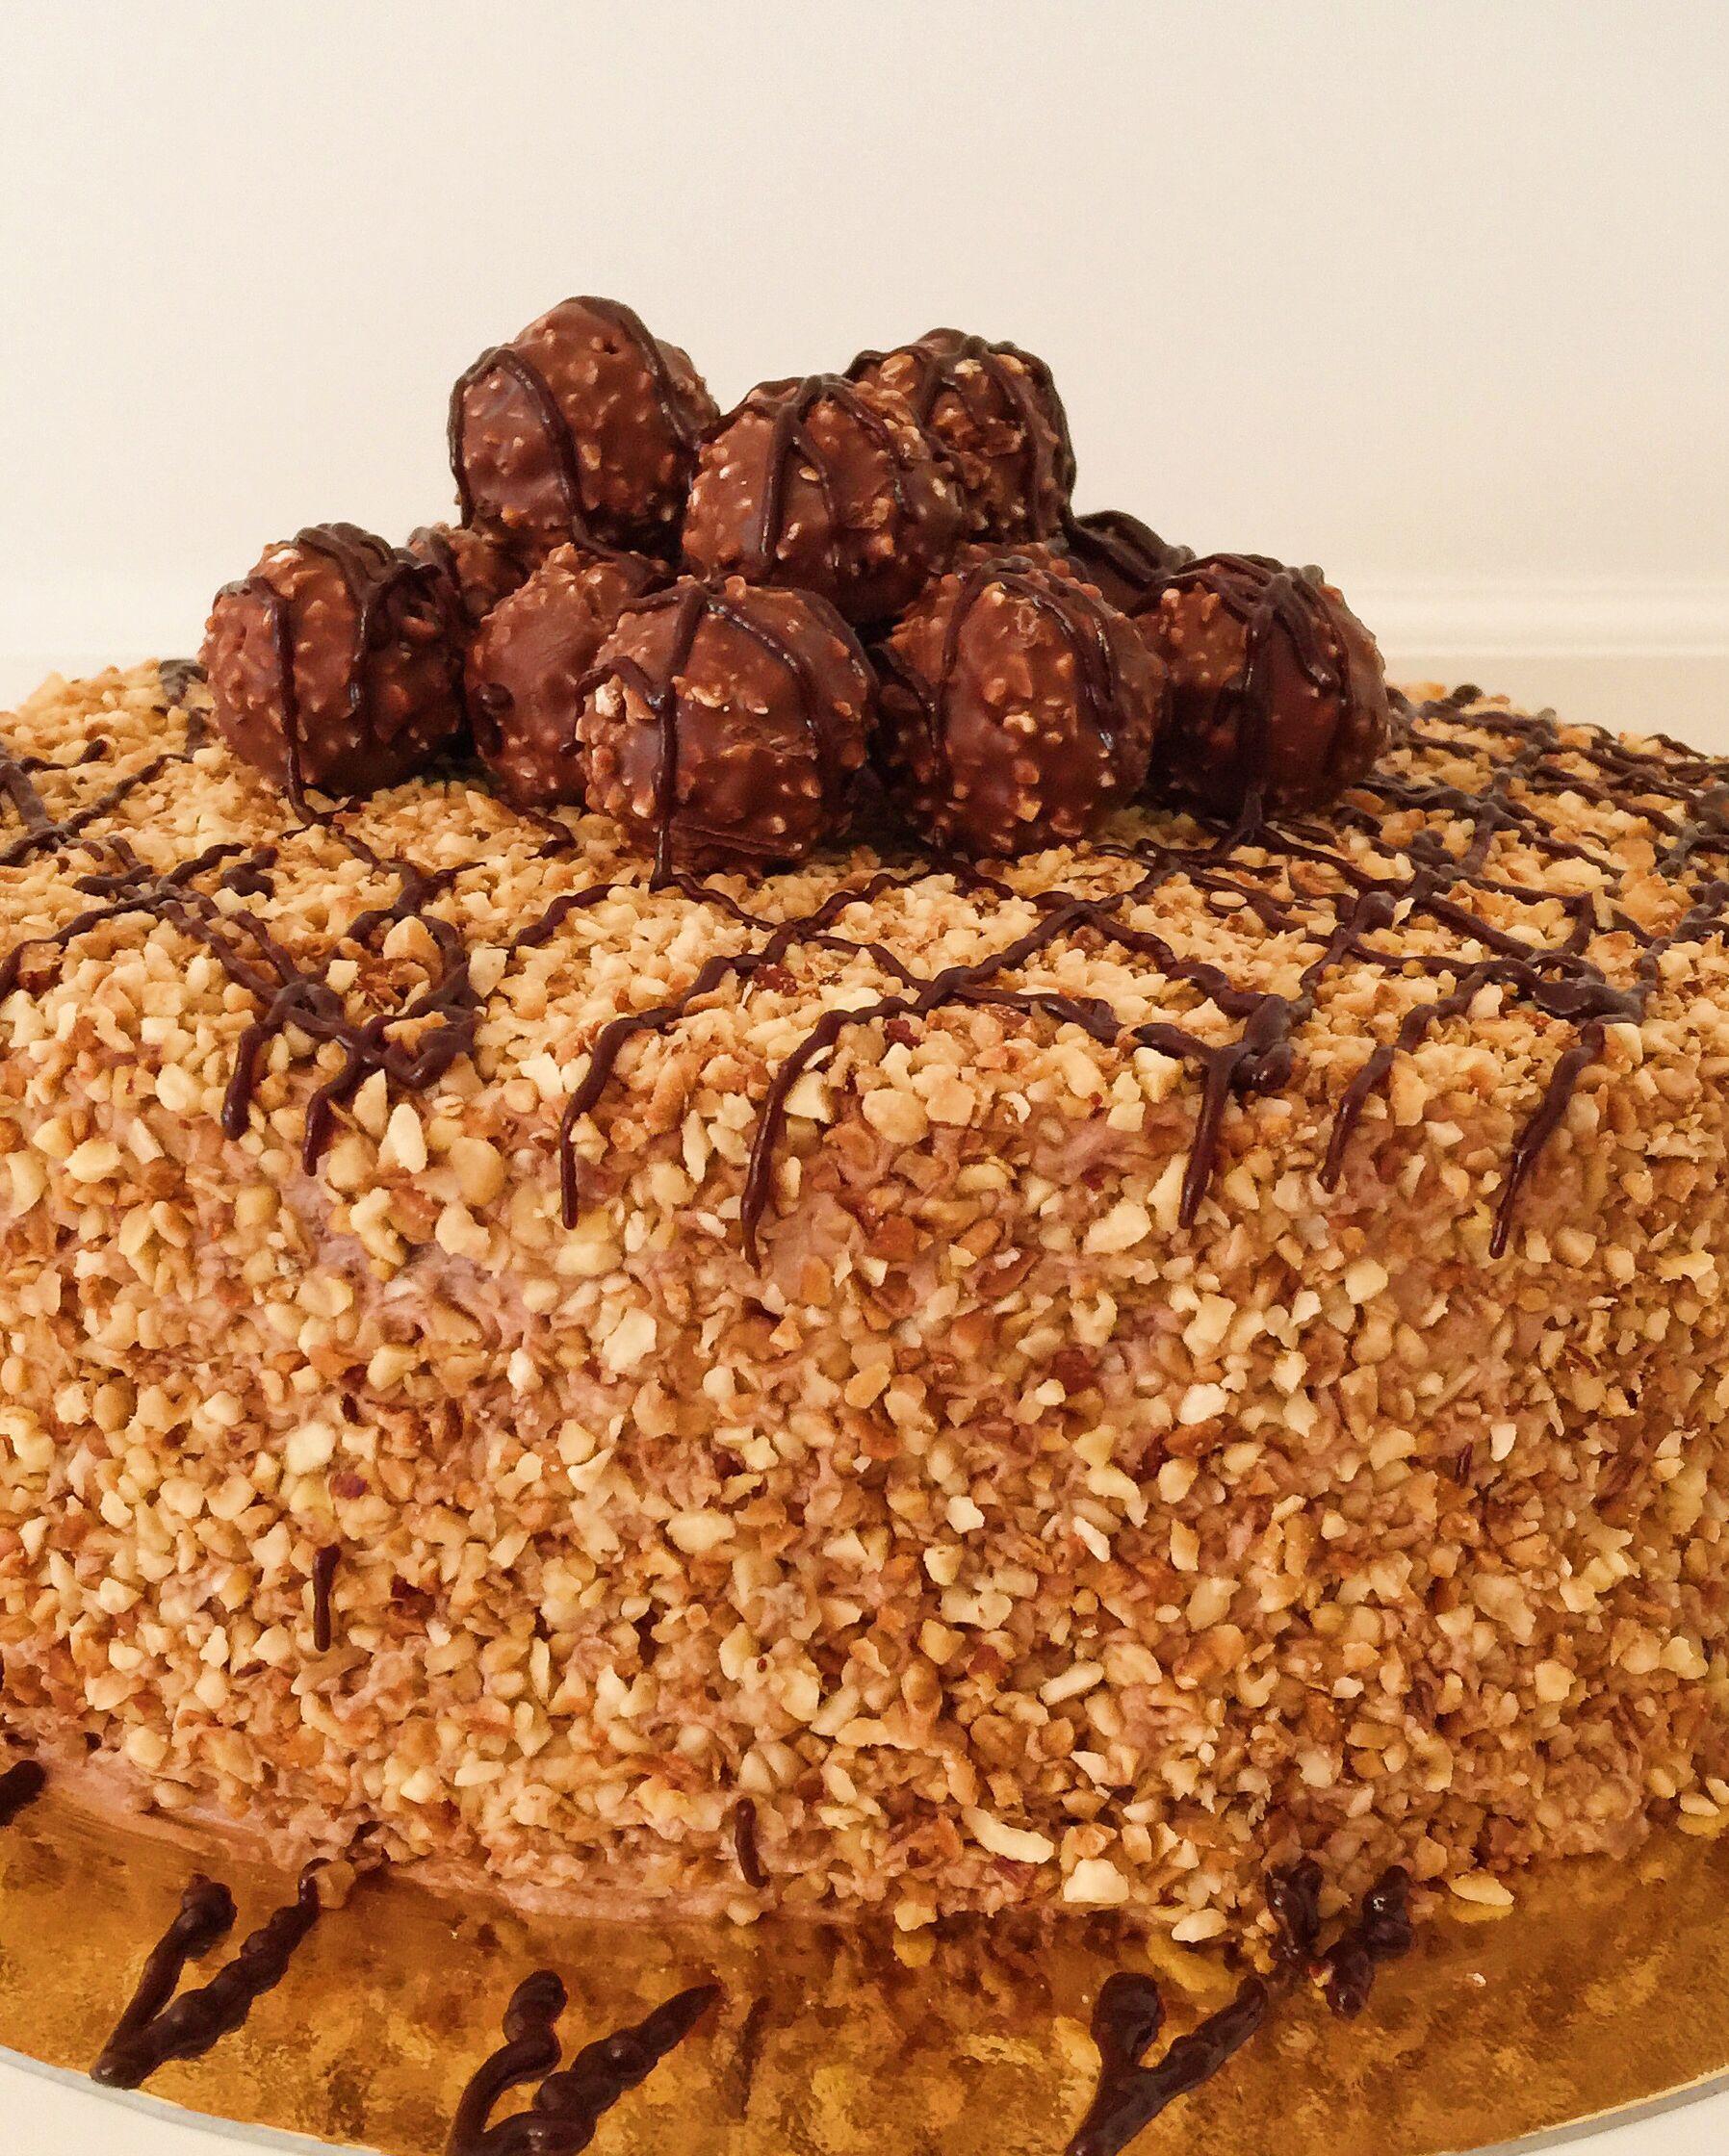 rocher torte mit nutella und haseln ssen von cookbakery nutella liebe pinterest. Black Bedroom Furniture Sets. Home Design Ideas